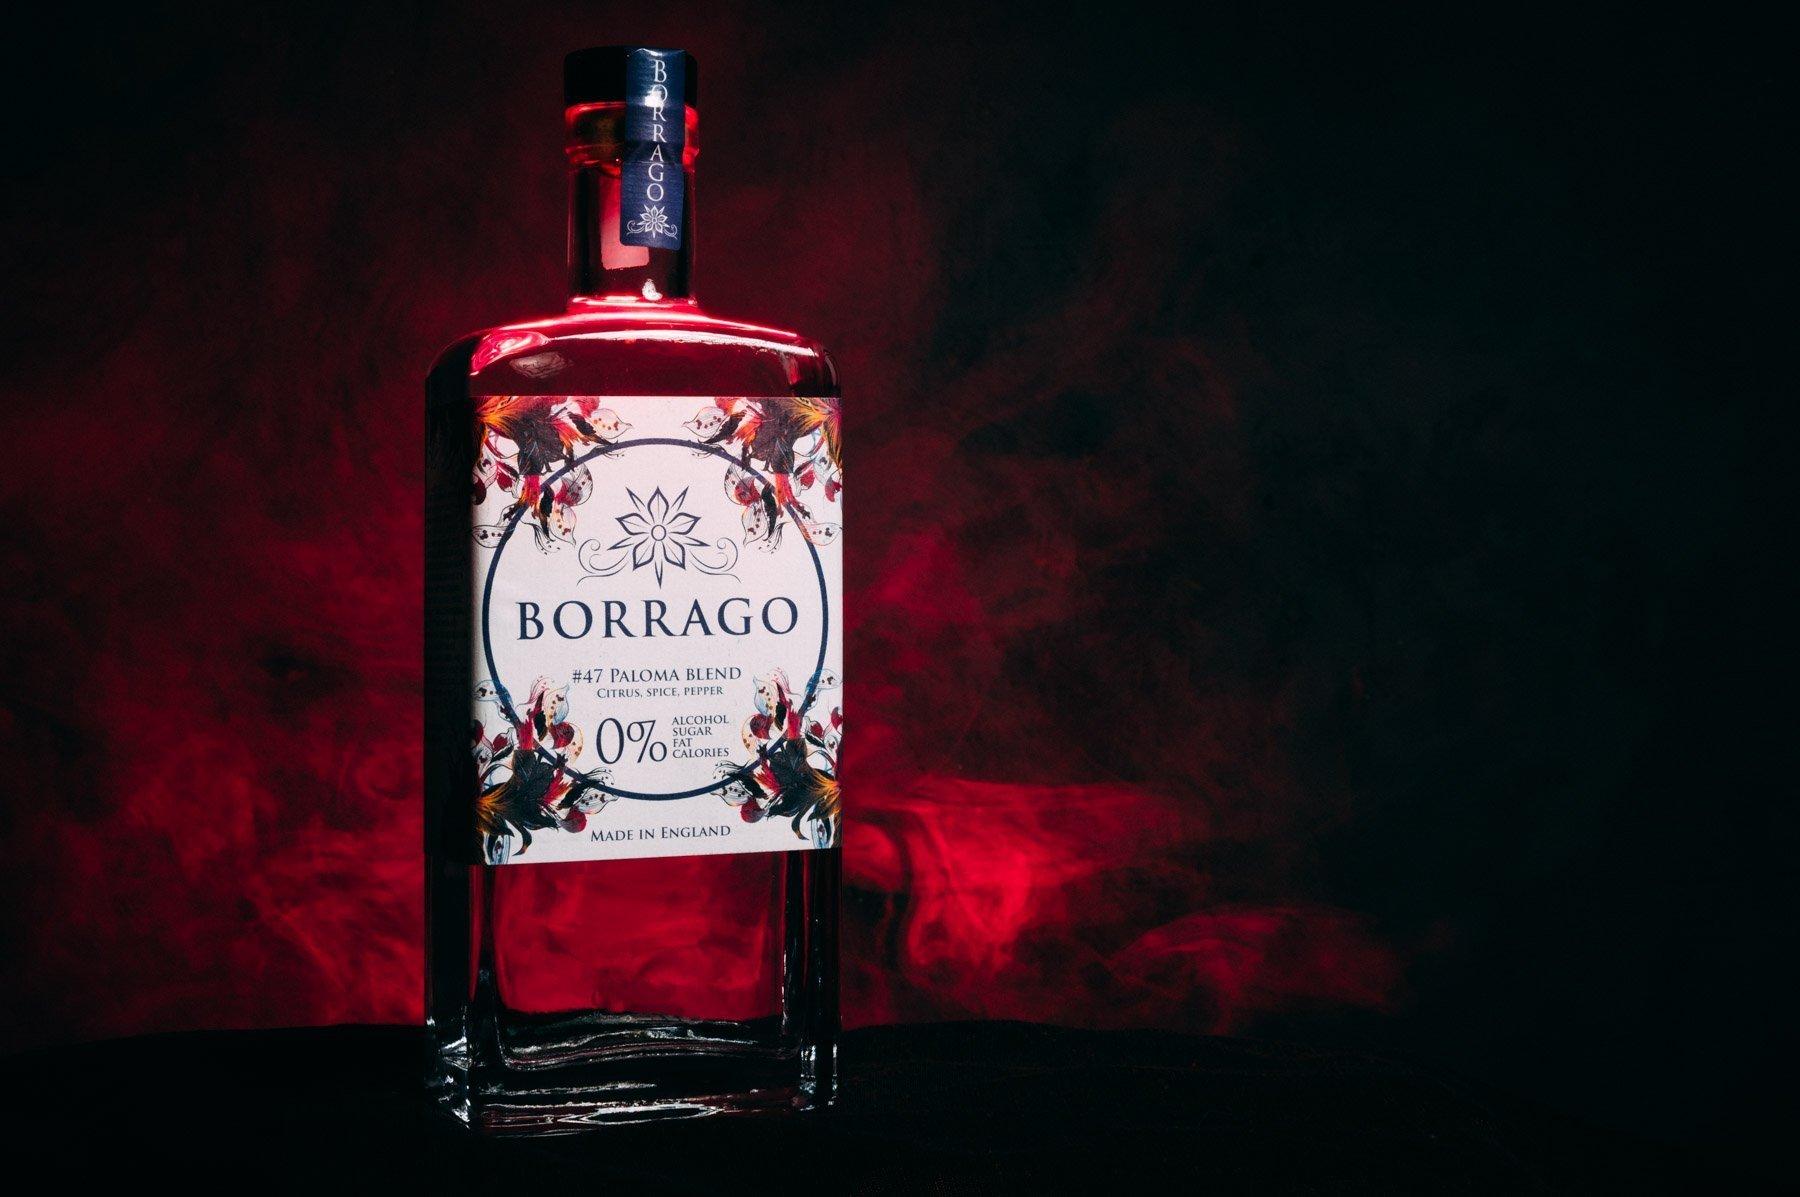 borrago alochol free gin